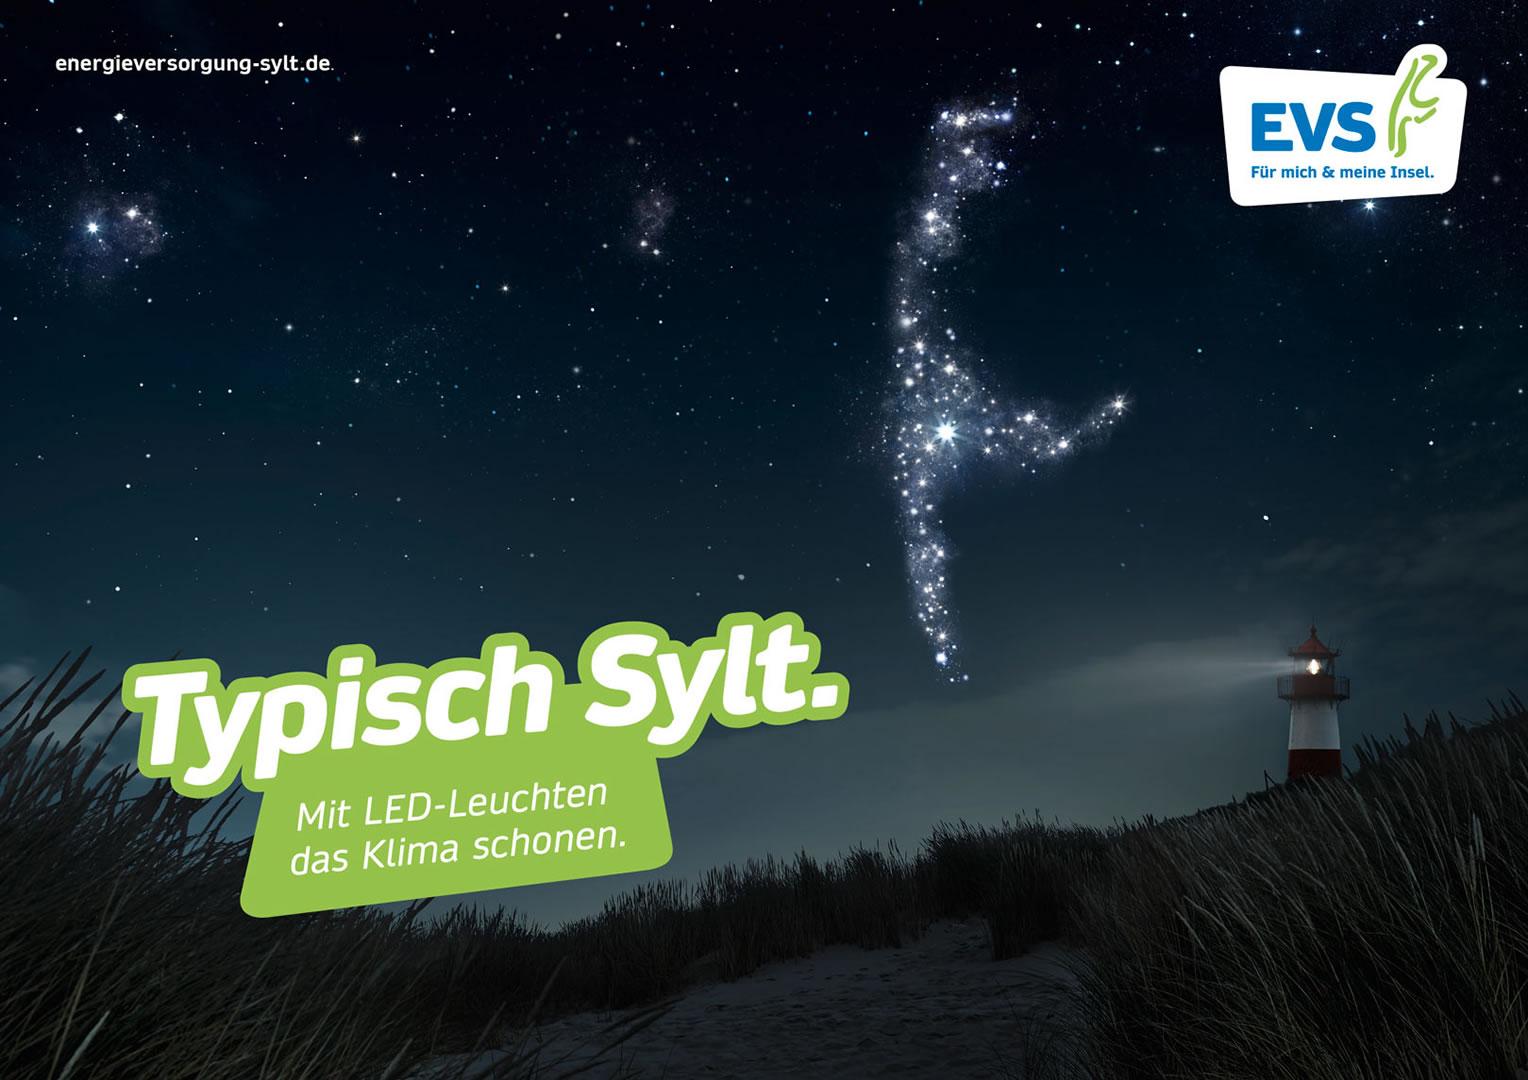 EVS_TypischSylt_Motive9